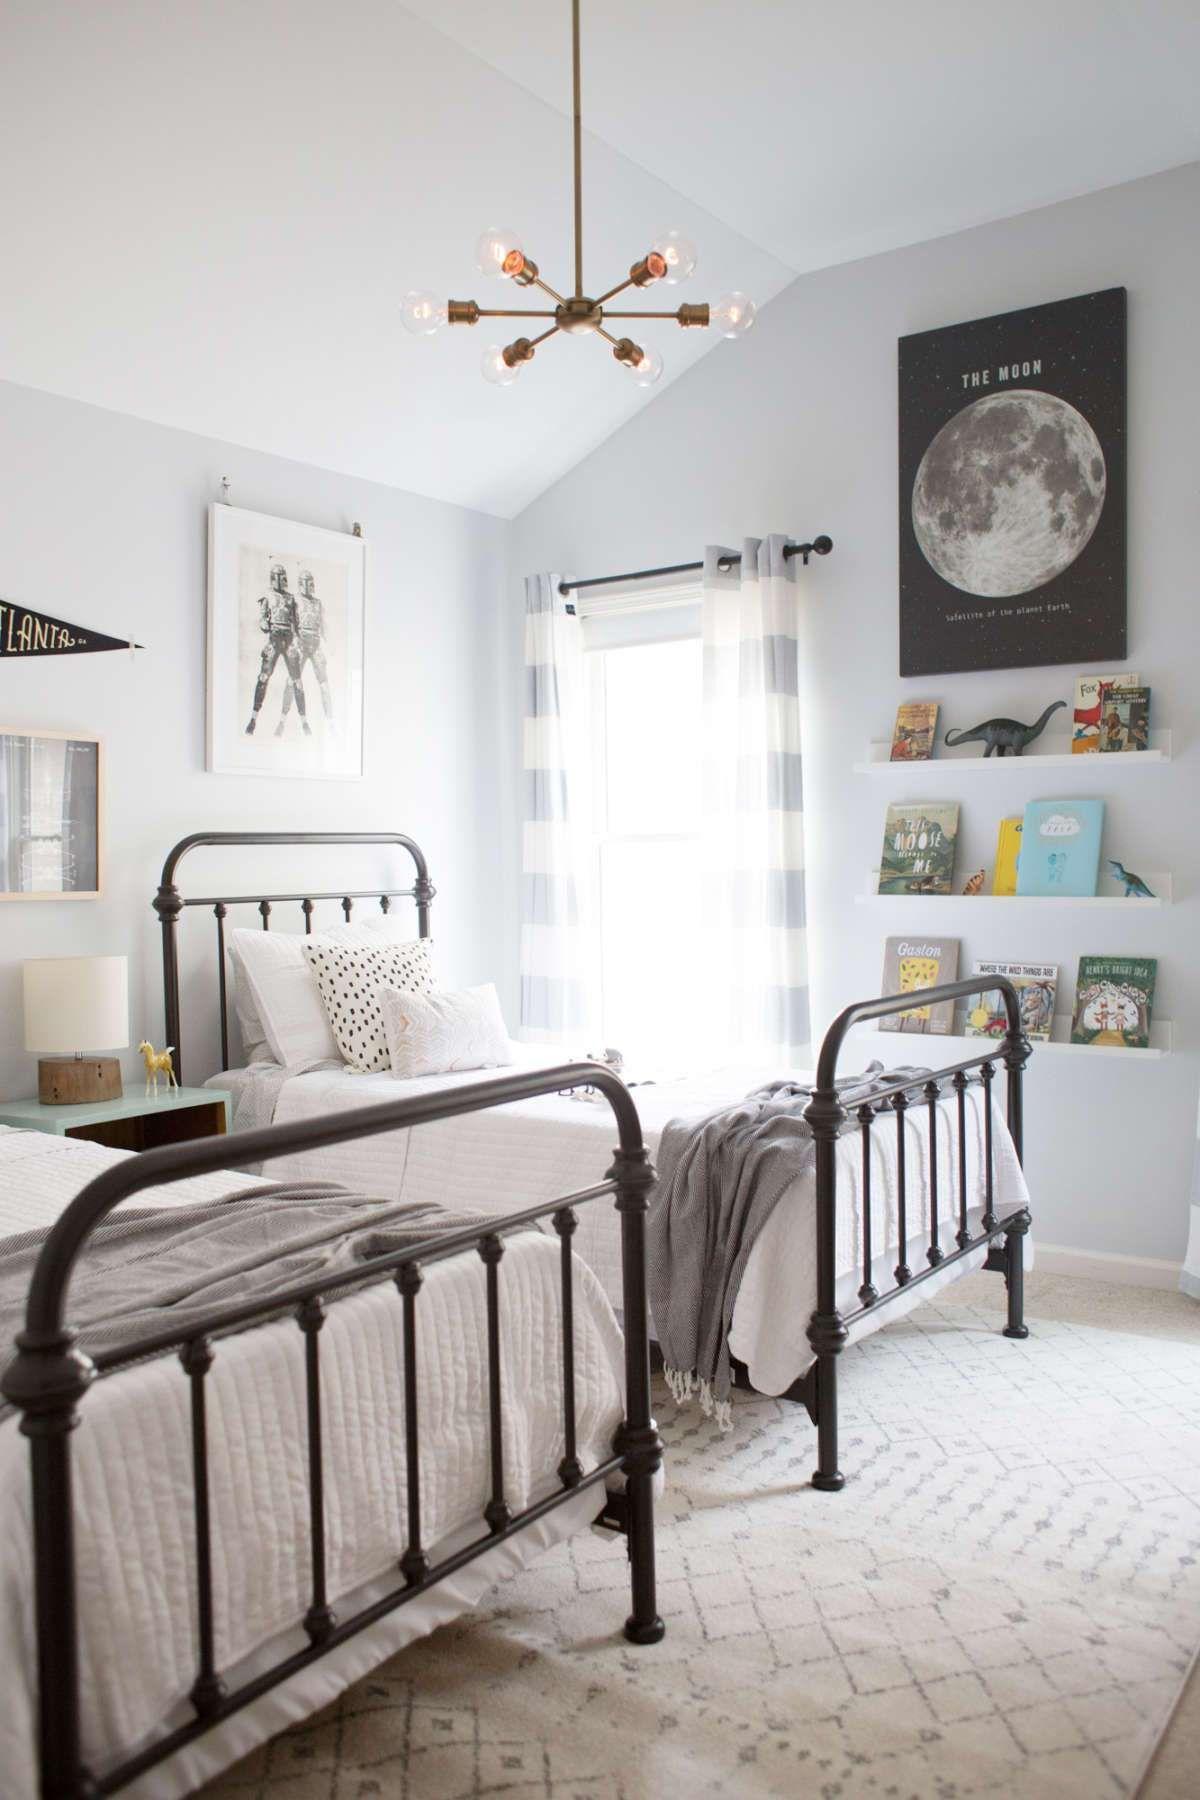 Best My Top 7 Favorite Big Boy Bedroom Inspirations Big Boy 640 x 480